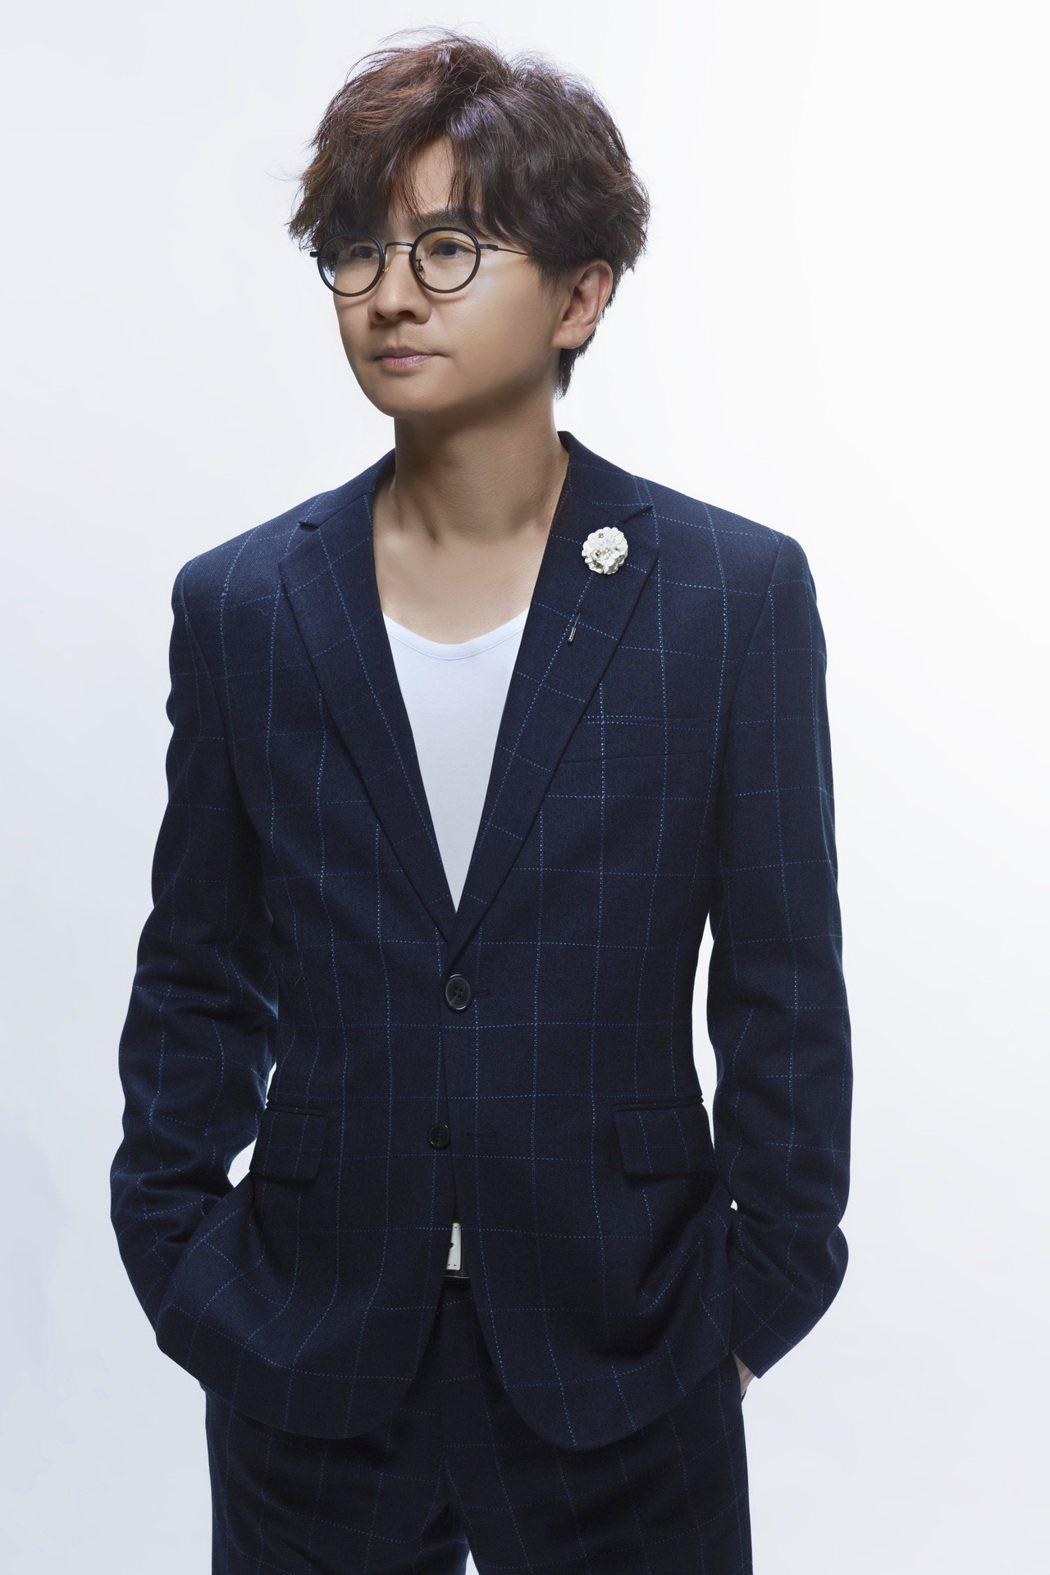 林隆璇推新歌「羽化」。圖/青田音樂文化提供